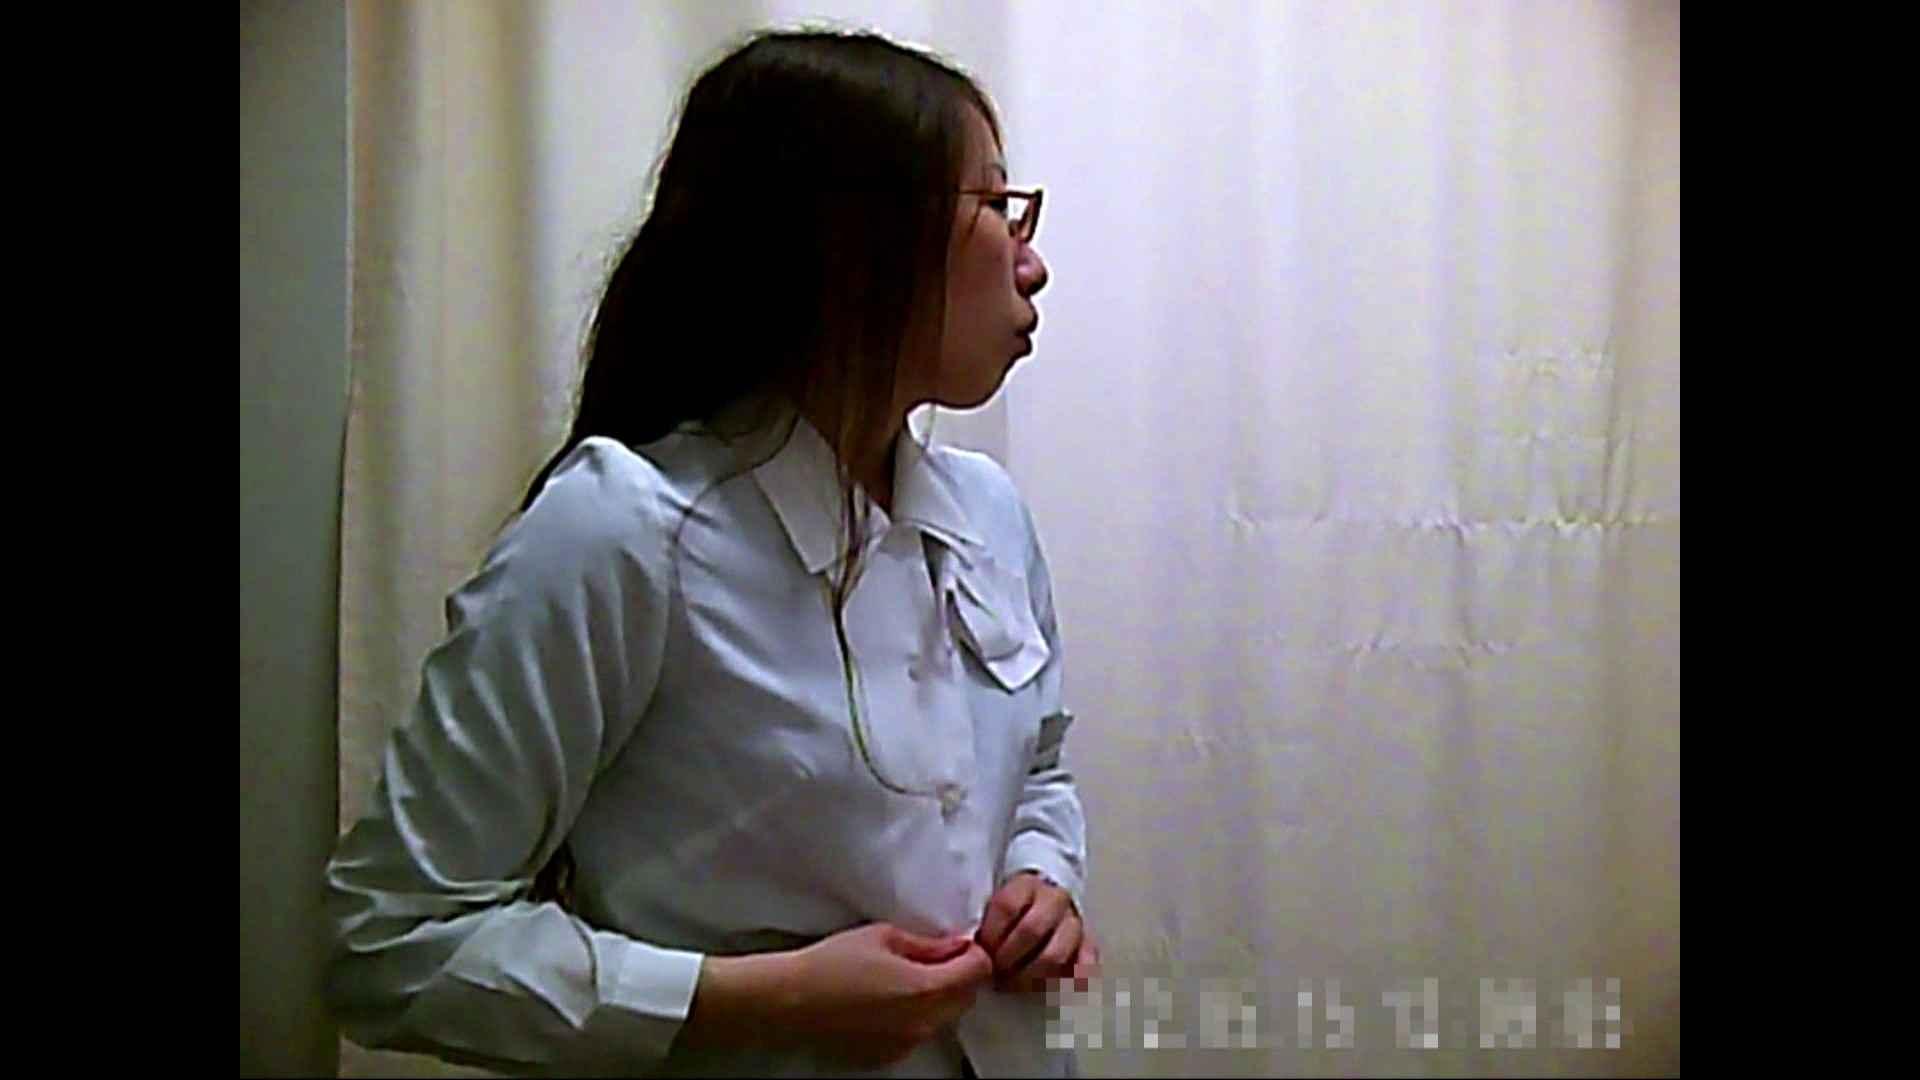 元医者による反抗 更衣室地獄絵巻 vol.005 OLハメ撮り  29Pix 18